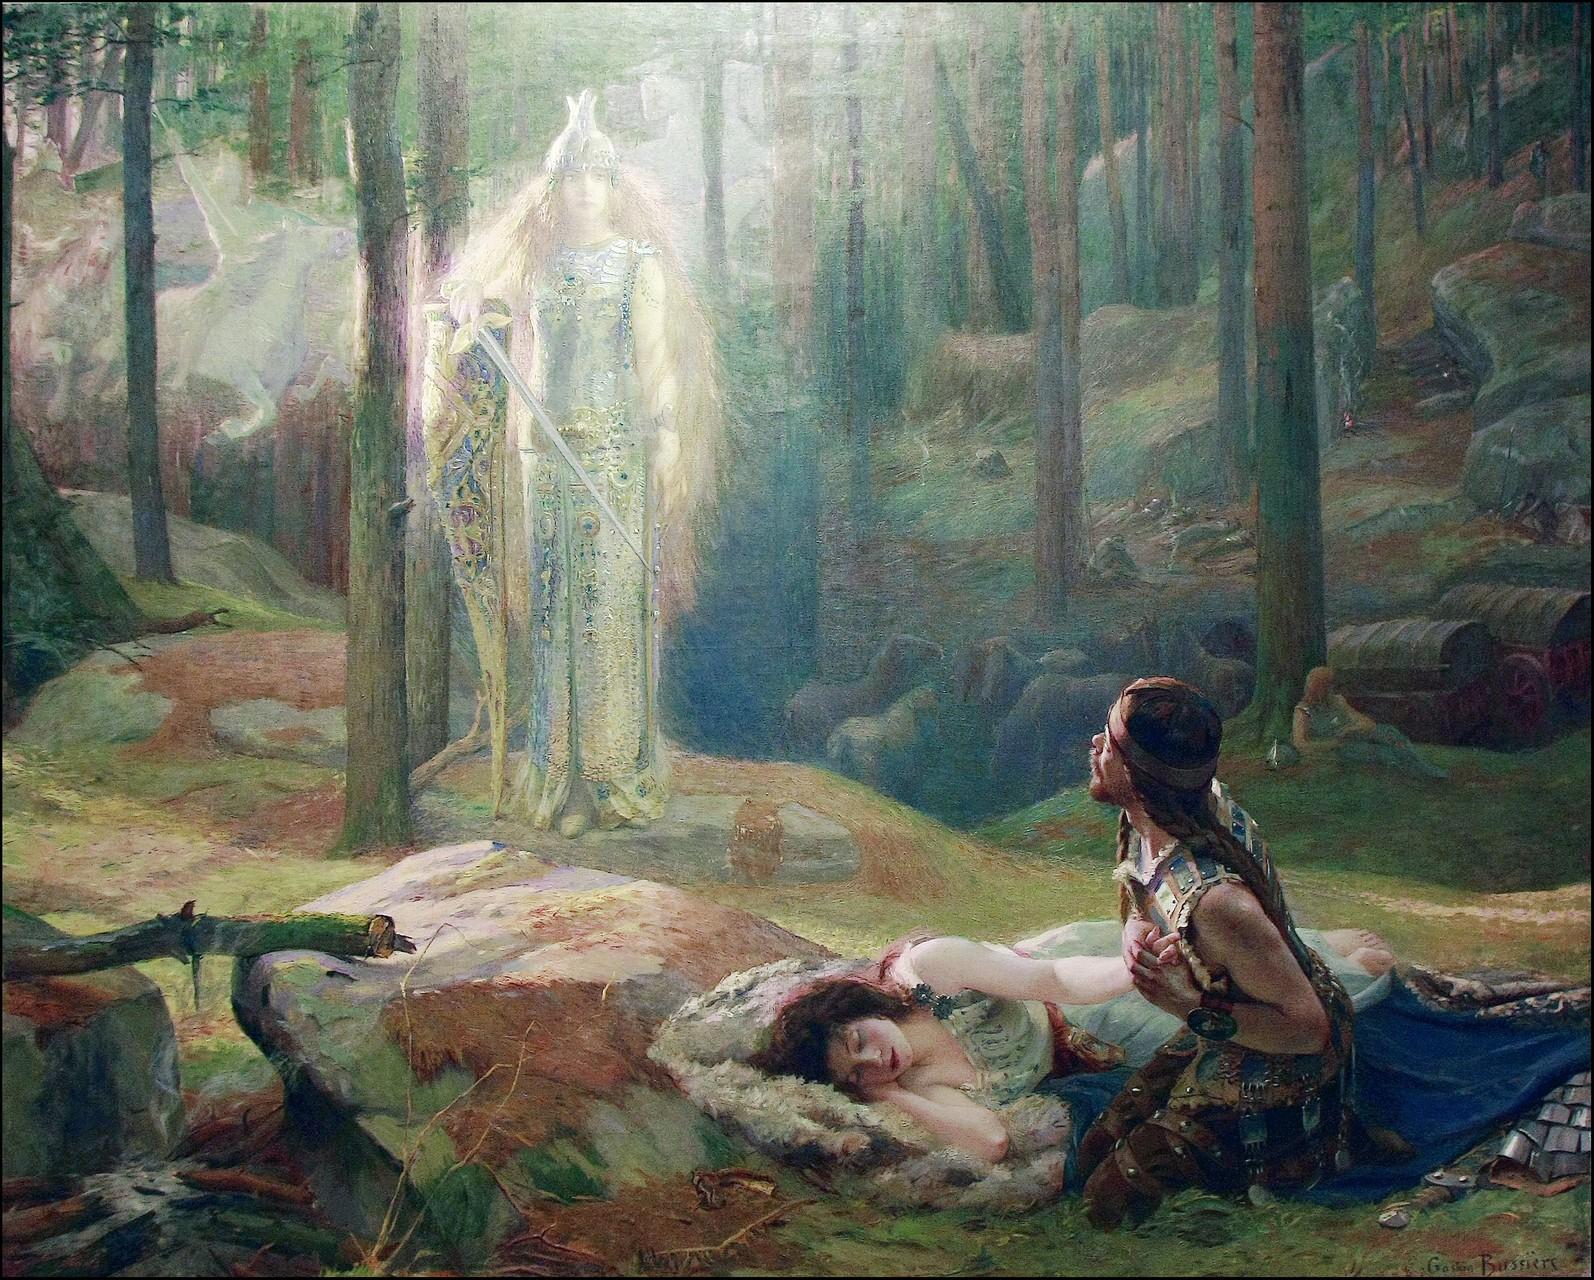 Gaston Bussière, La Révélation, Brünnhilde découvrant Sieglinde et Siegmund, huile sur toile, 1894  © J-M Enault